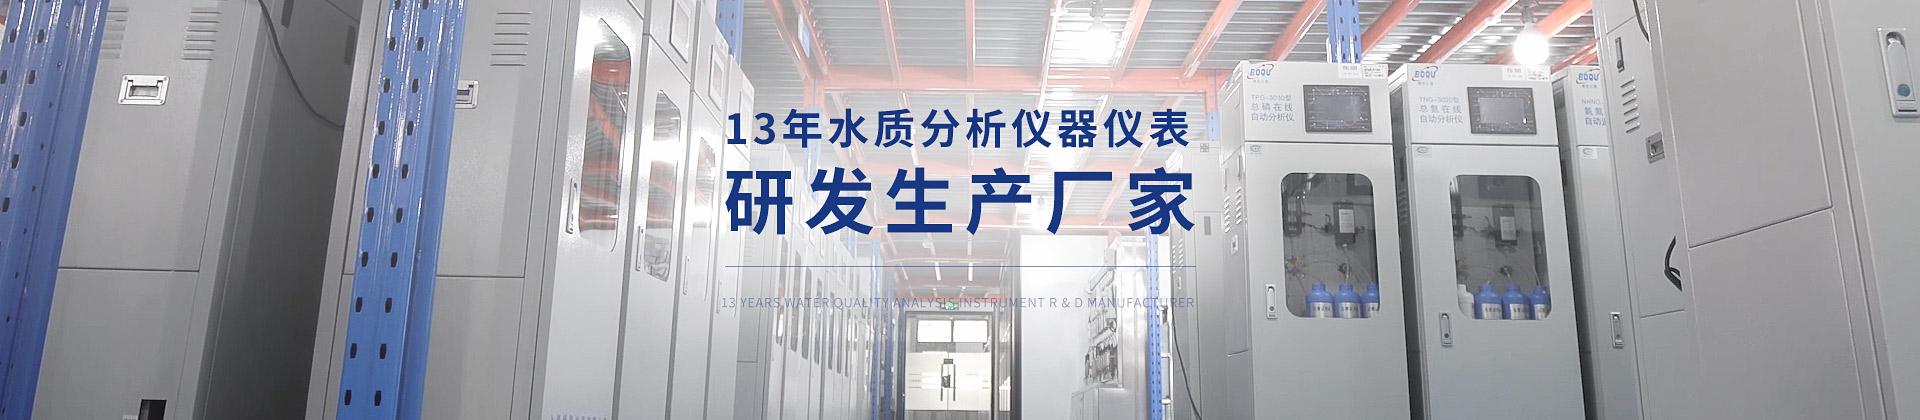 博取 13年水质分析仪器仪表研发生产厂家